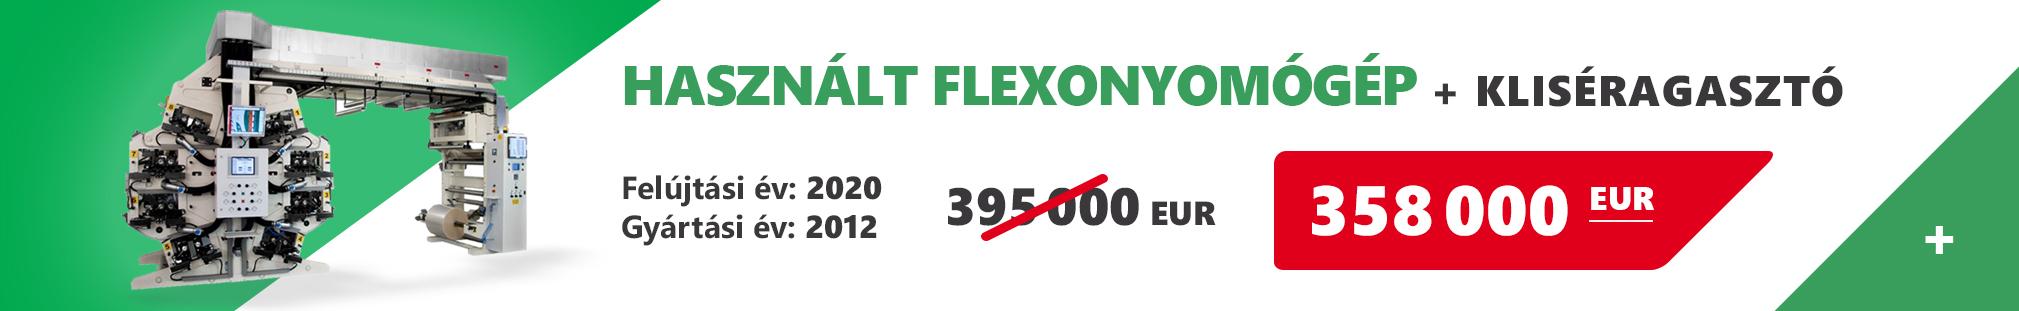 Flexonyomógépek, tekercsvágók, laminálók gyártása | Hírlevél